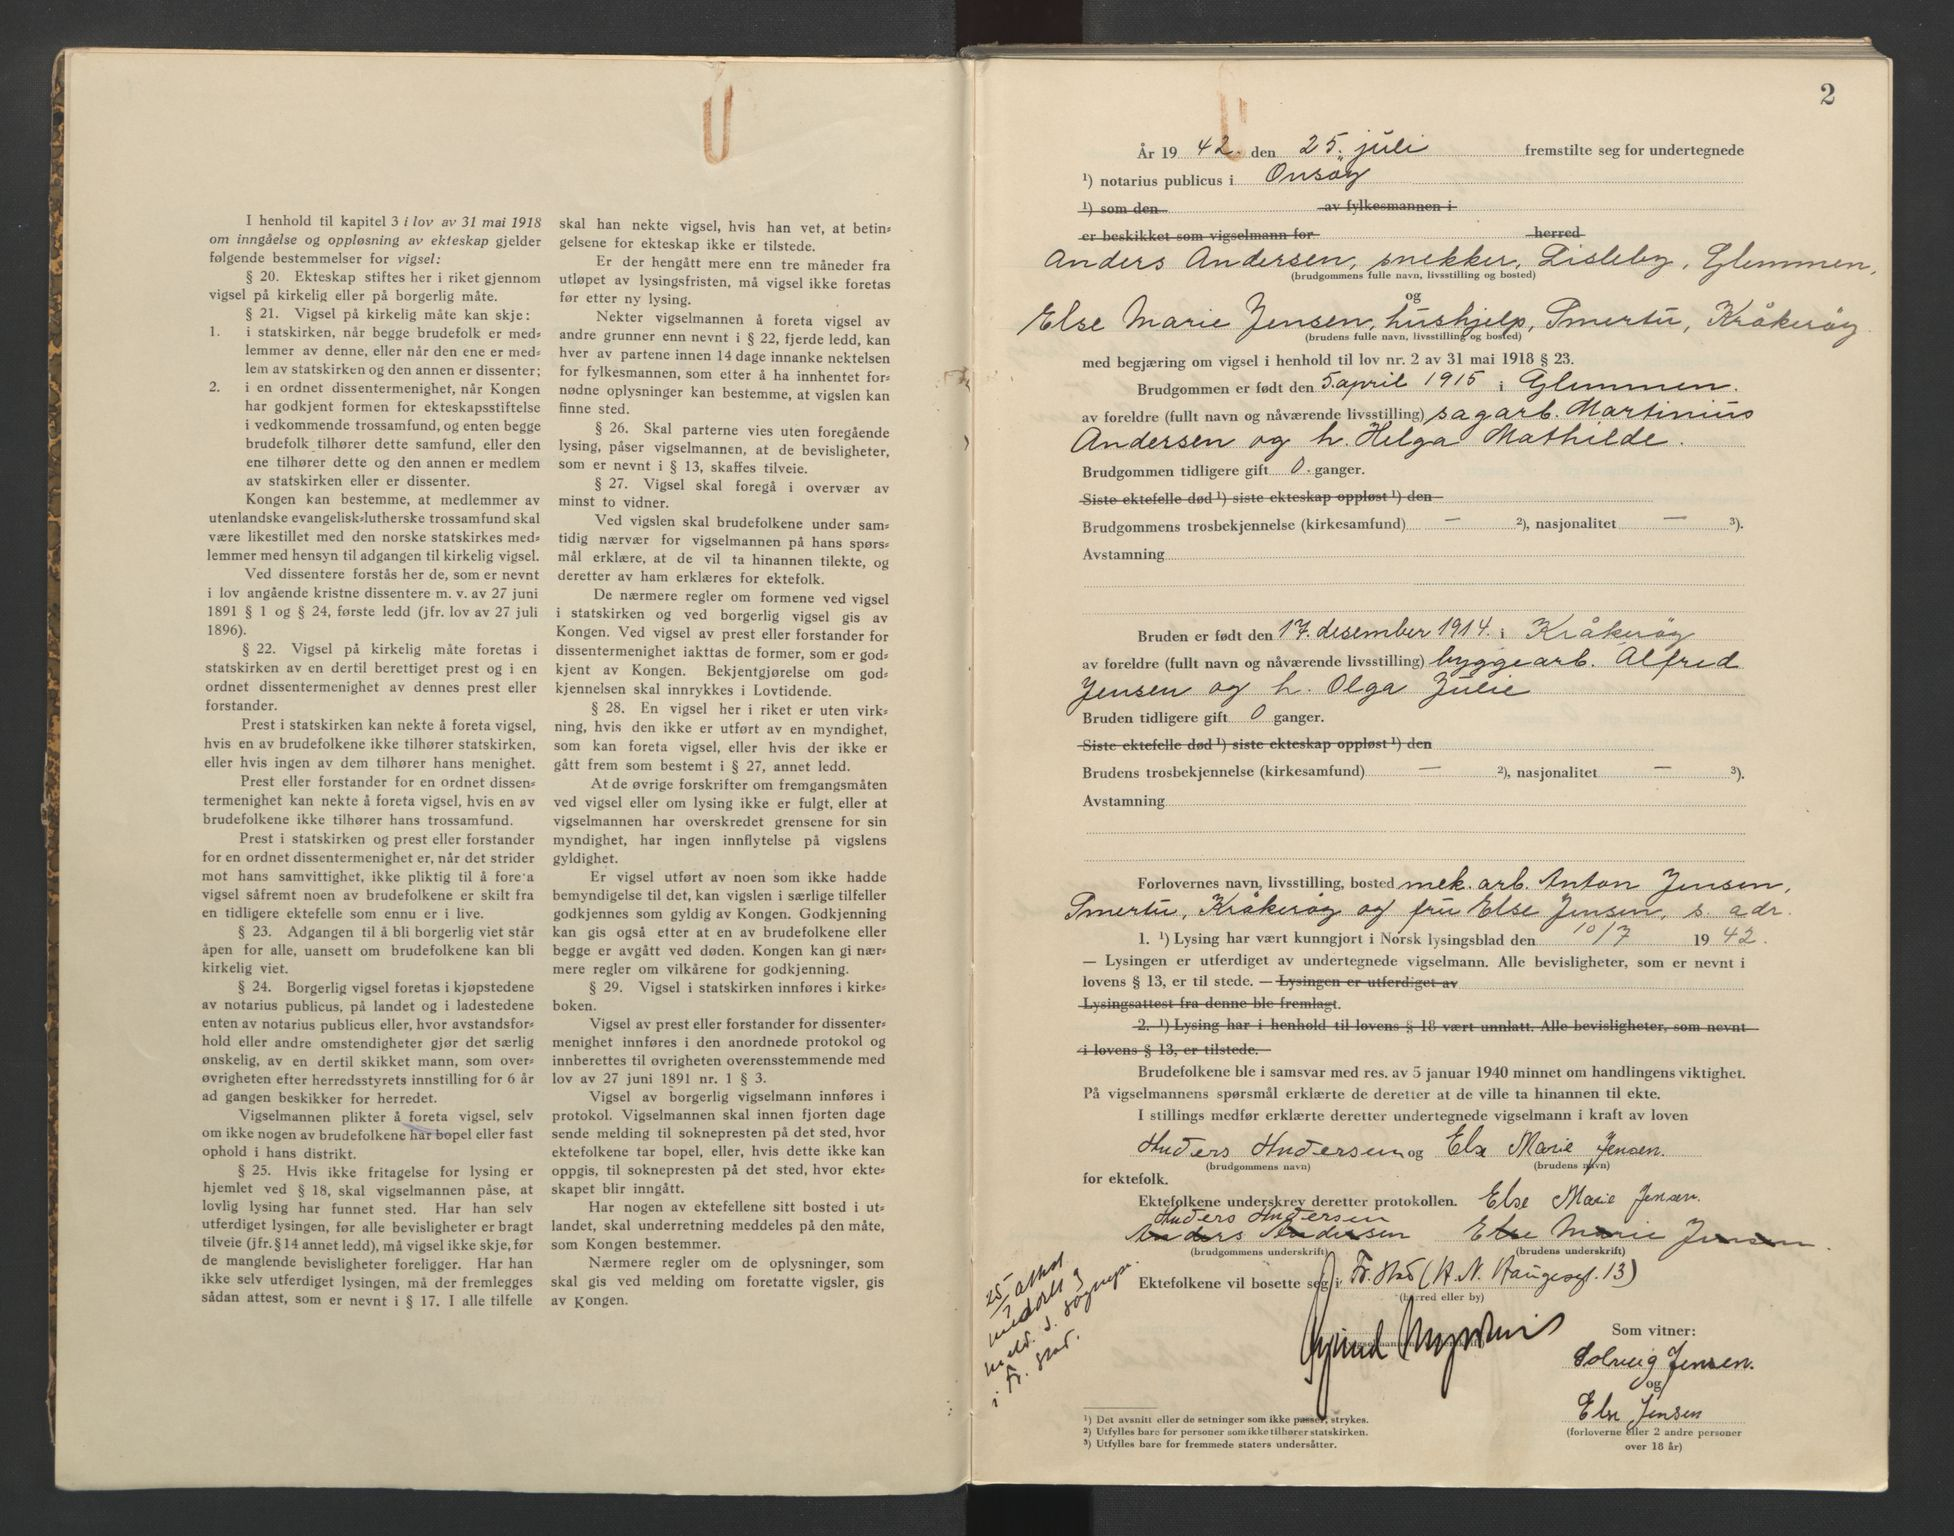 SAO, Onsøy sorenskriveri, L/La/L0002: Vigselsbok, 1942-1943, s. 2